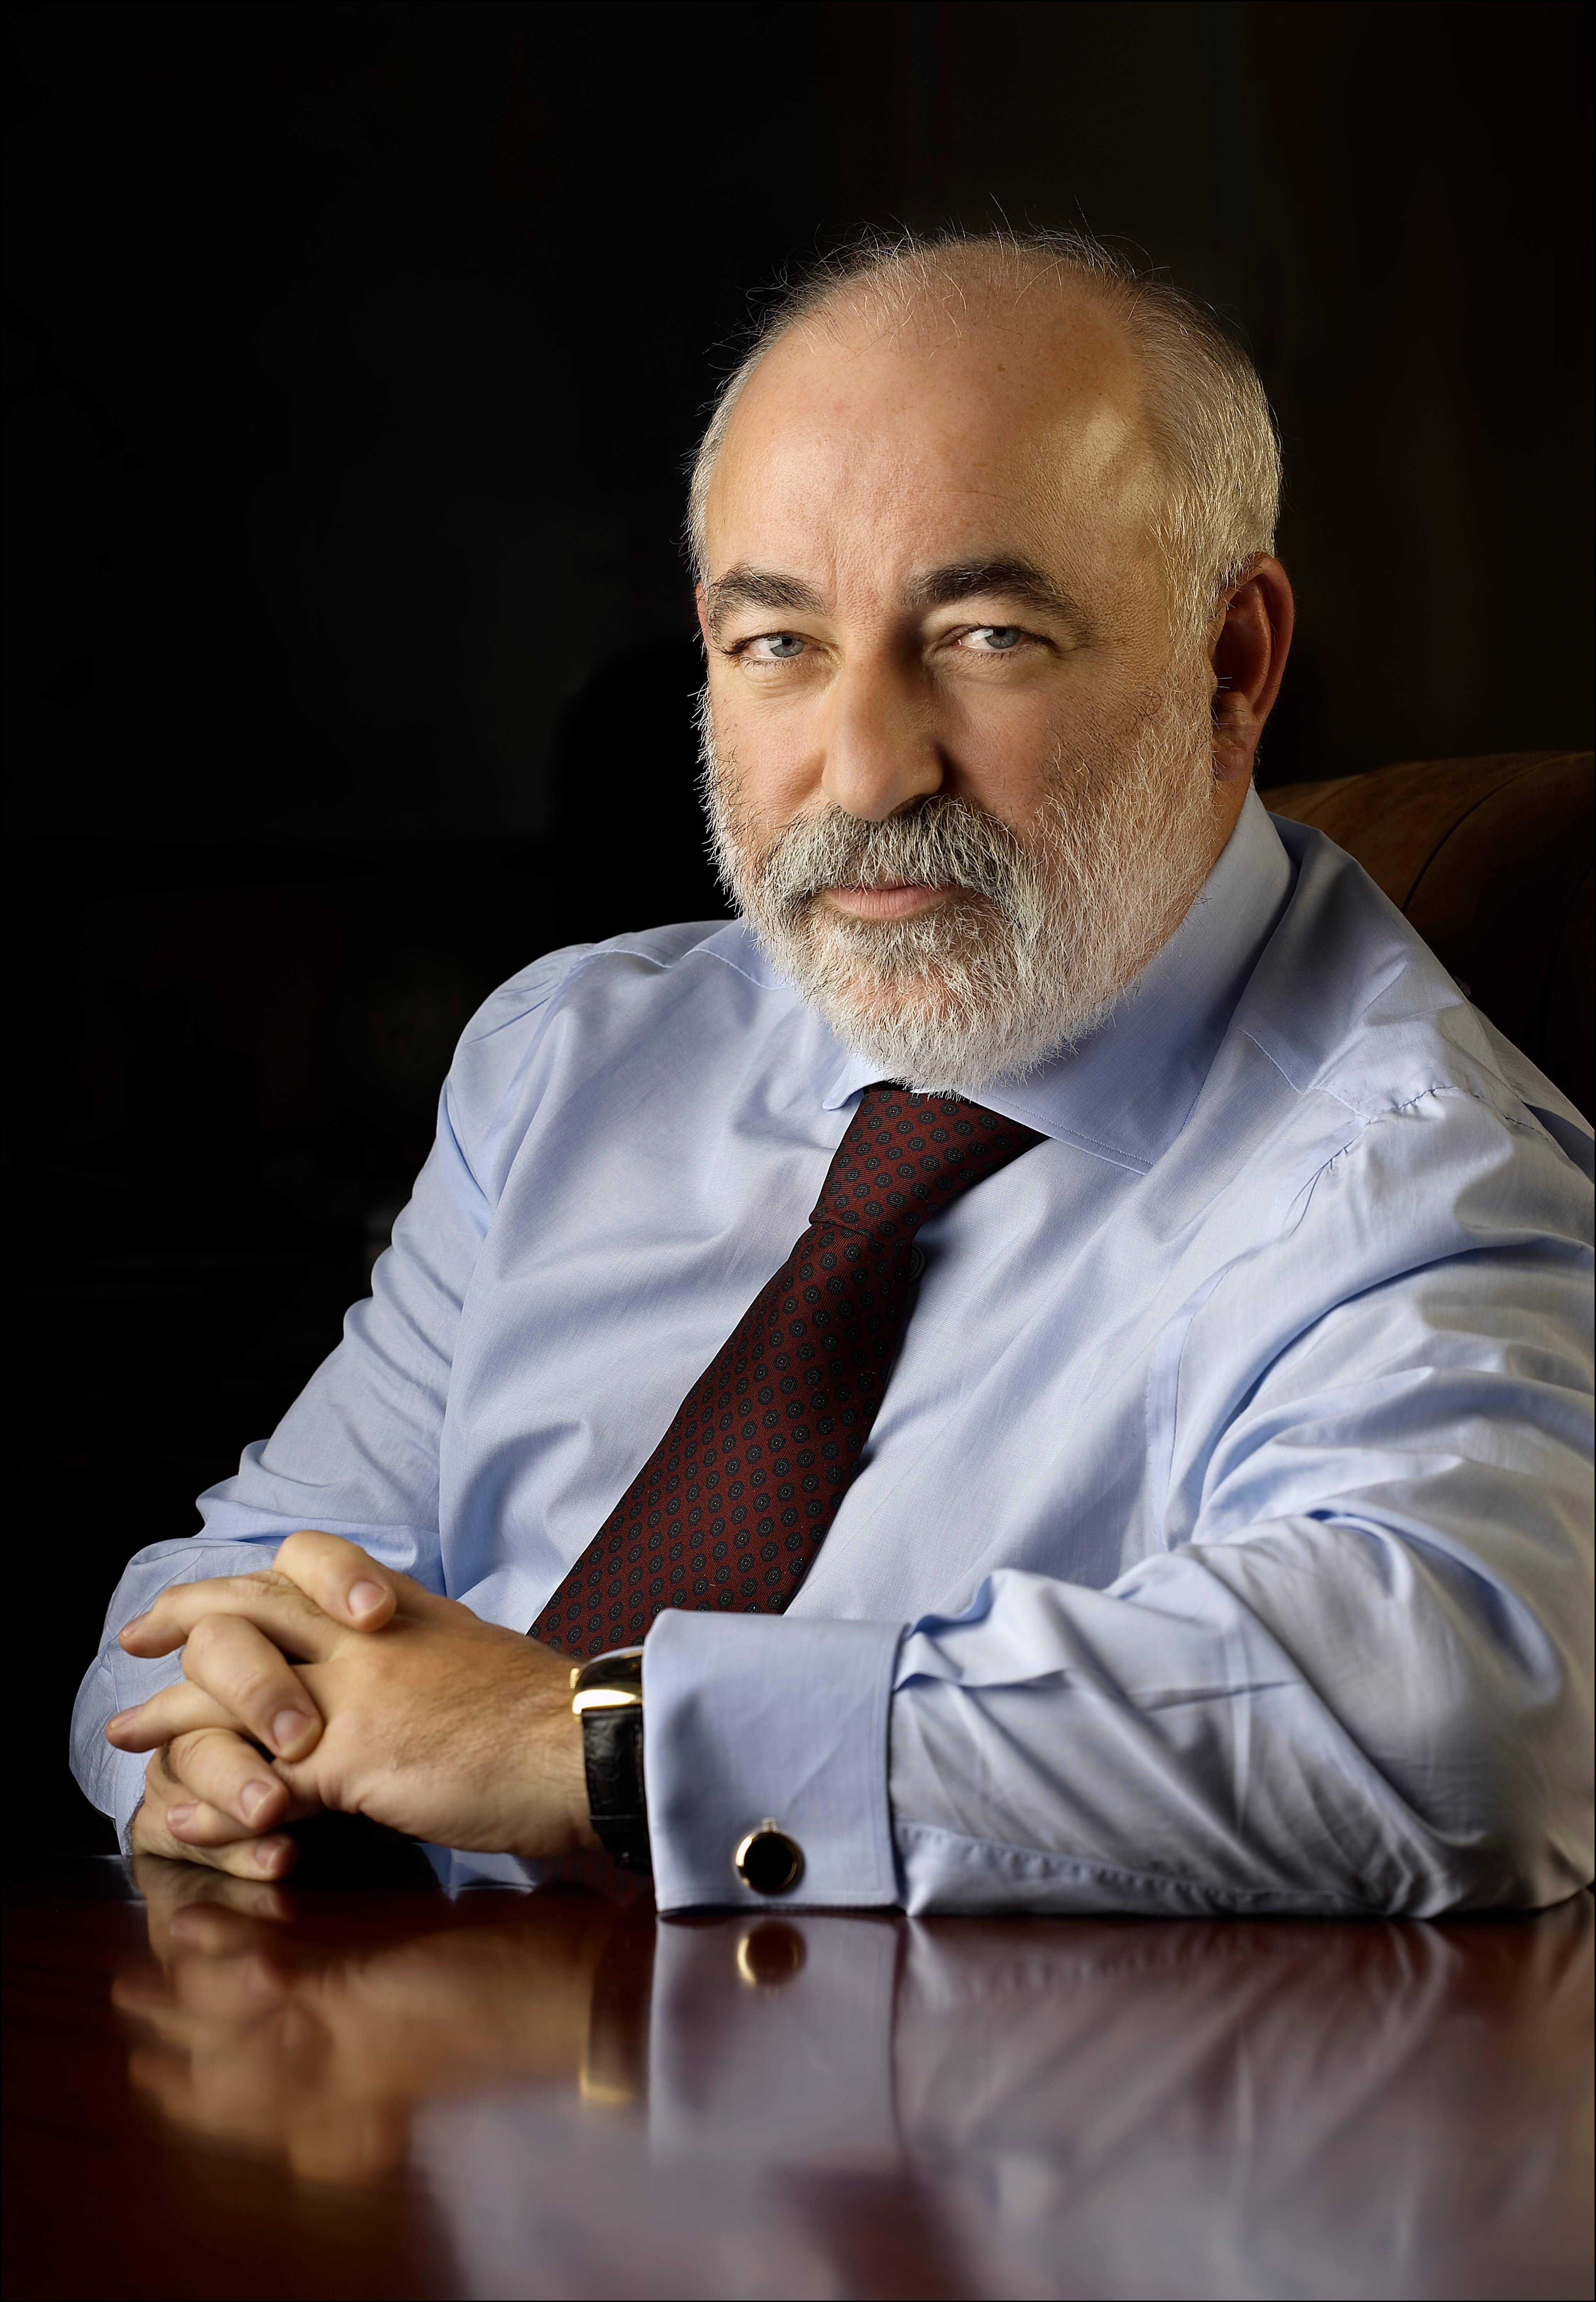 Profilbild Viktor Vekselberg